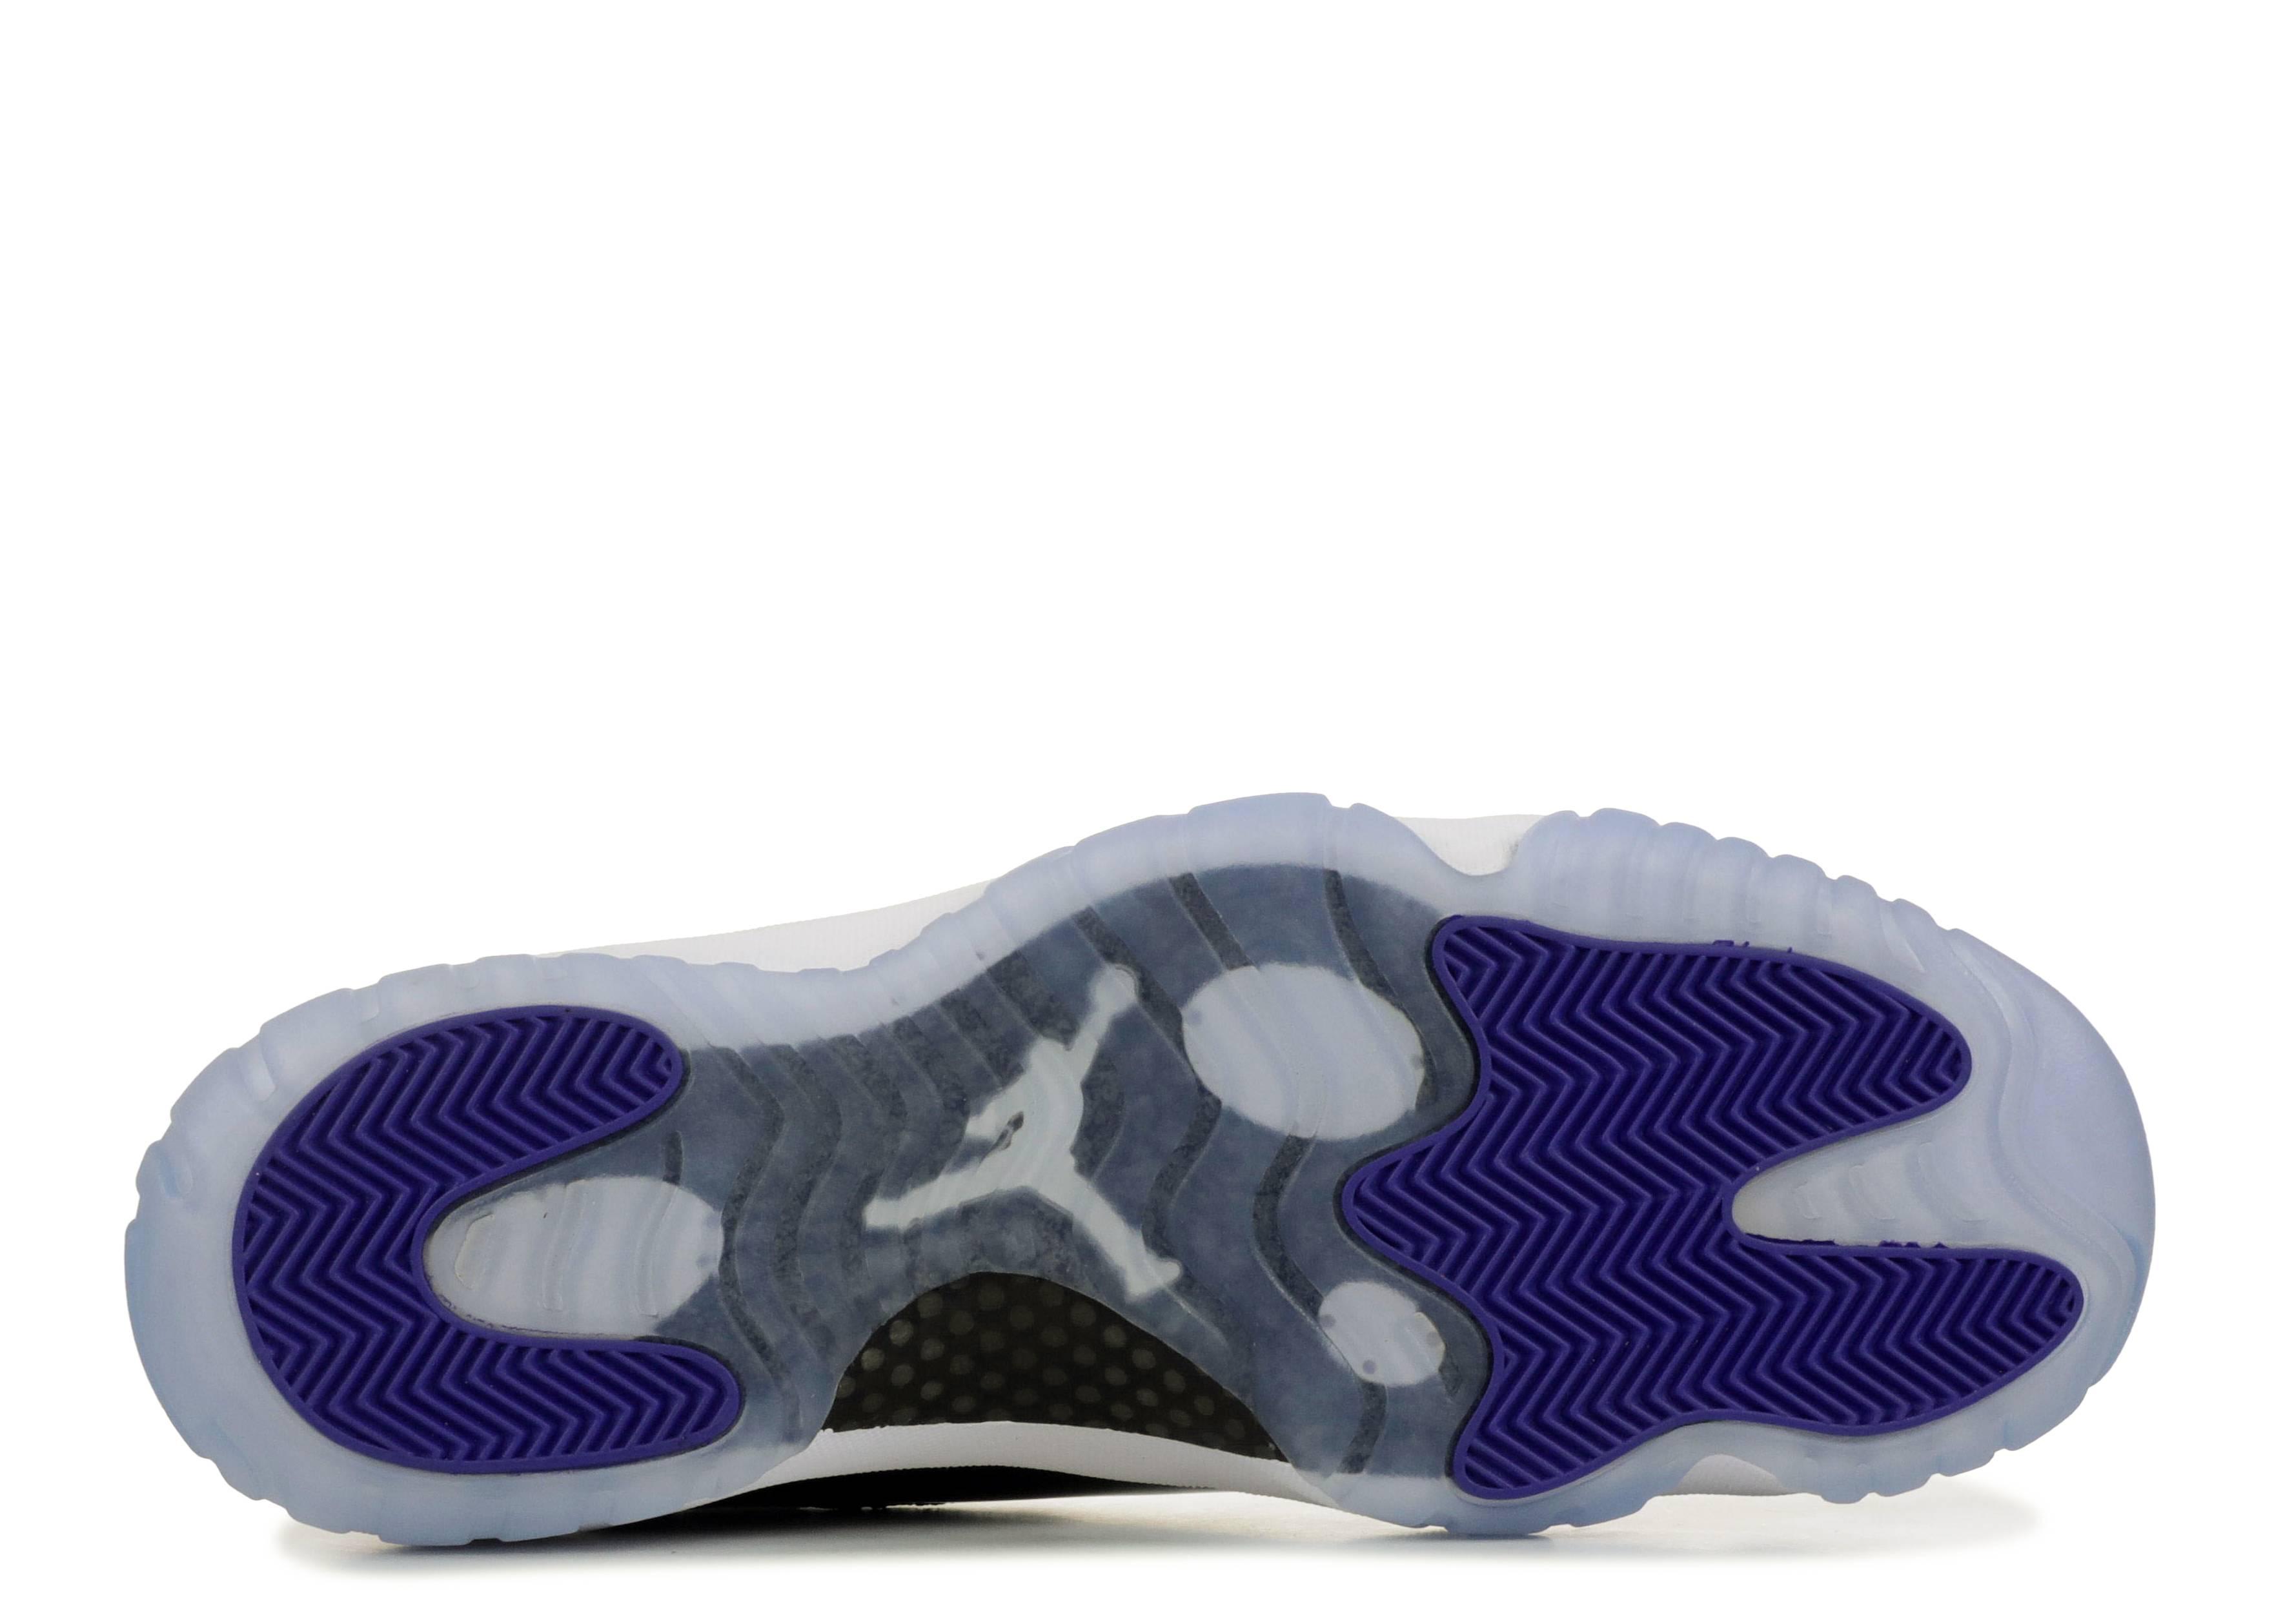 ac01d0d0e90421 Air Jordan 11 Retro